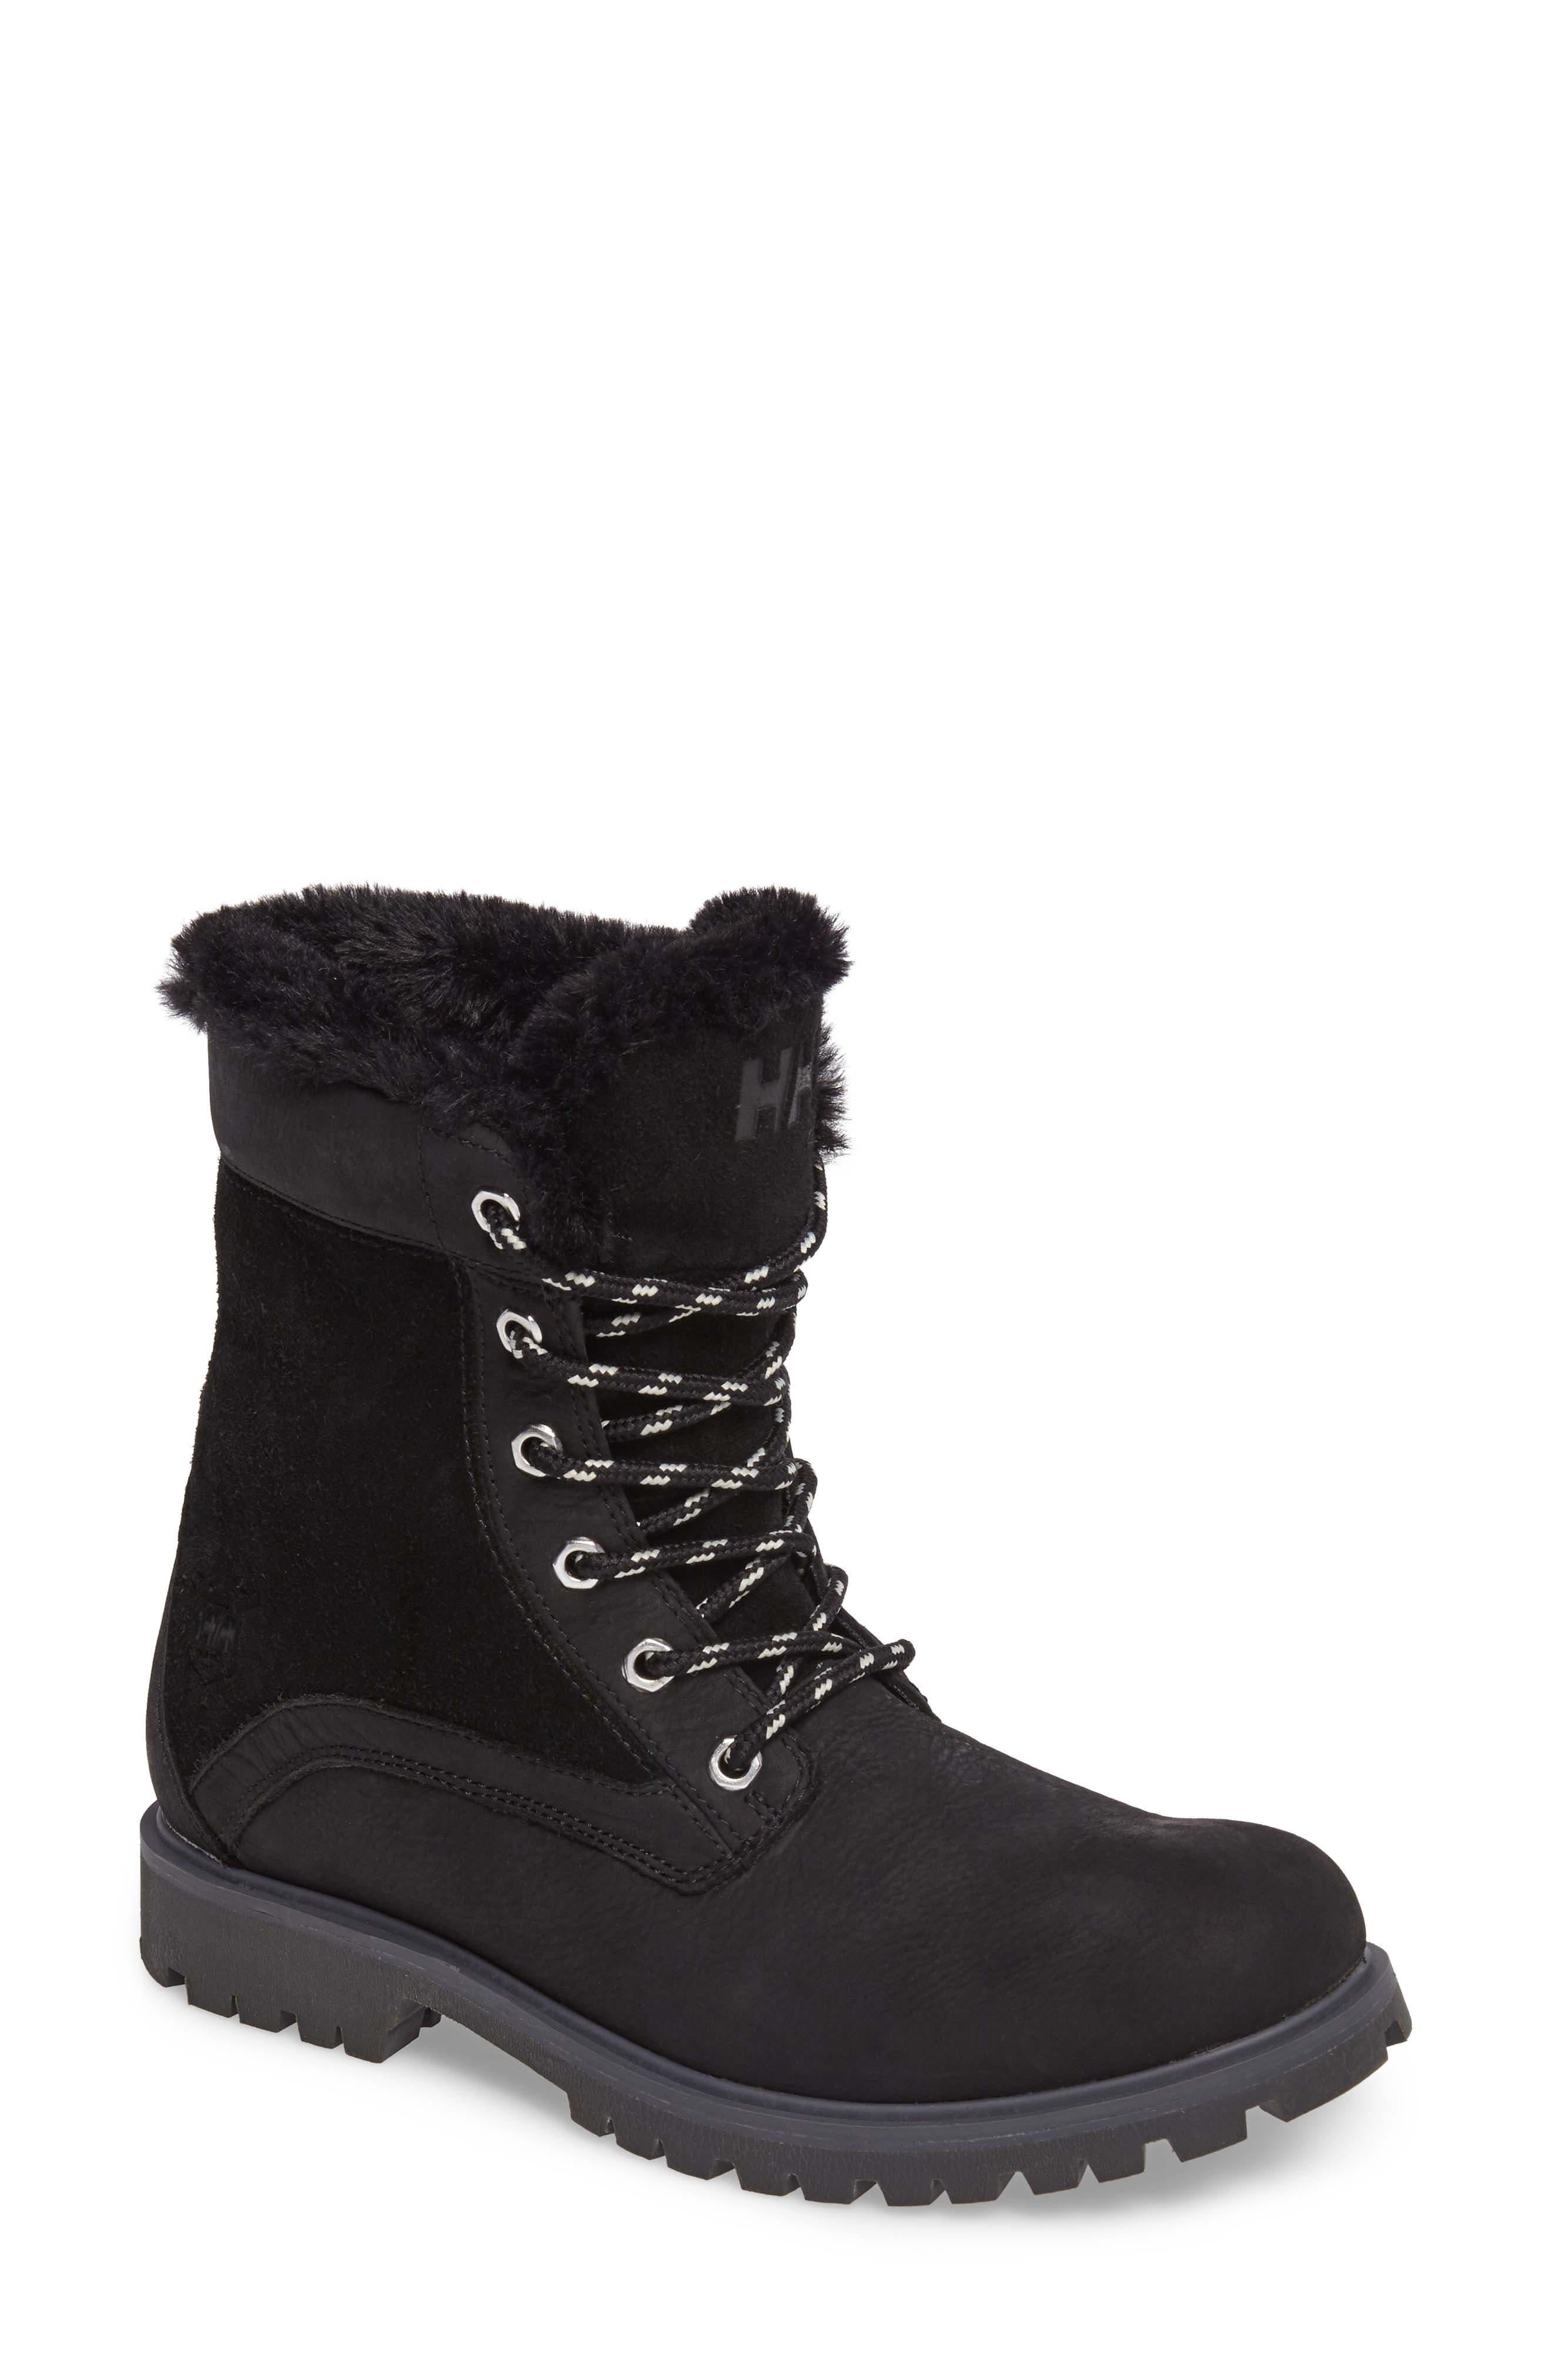 Helly Hansen Marion Waterproof Winter Boot (Women)